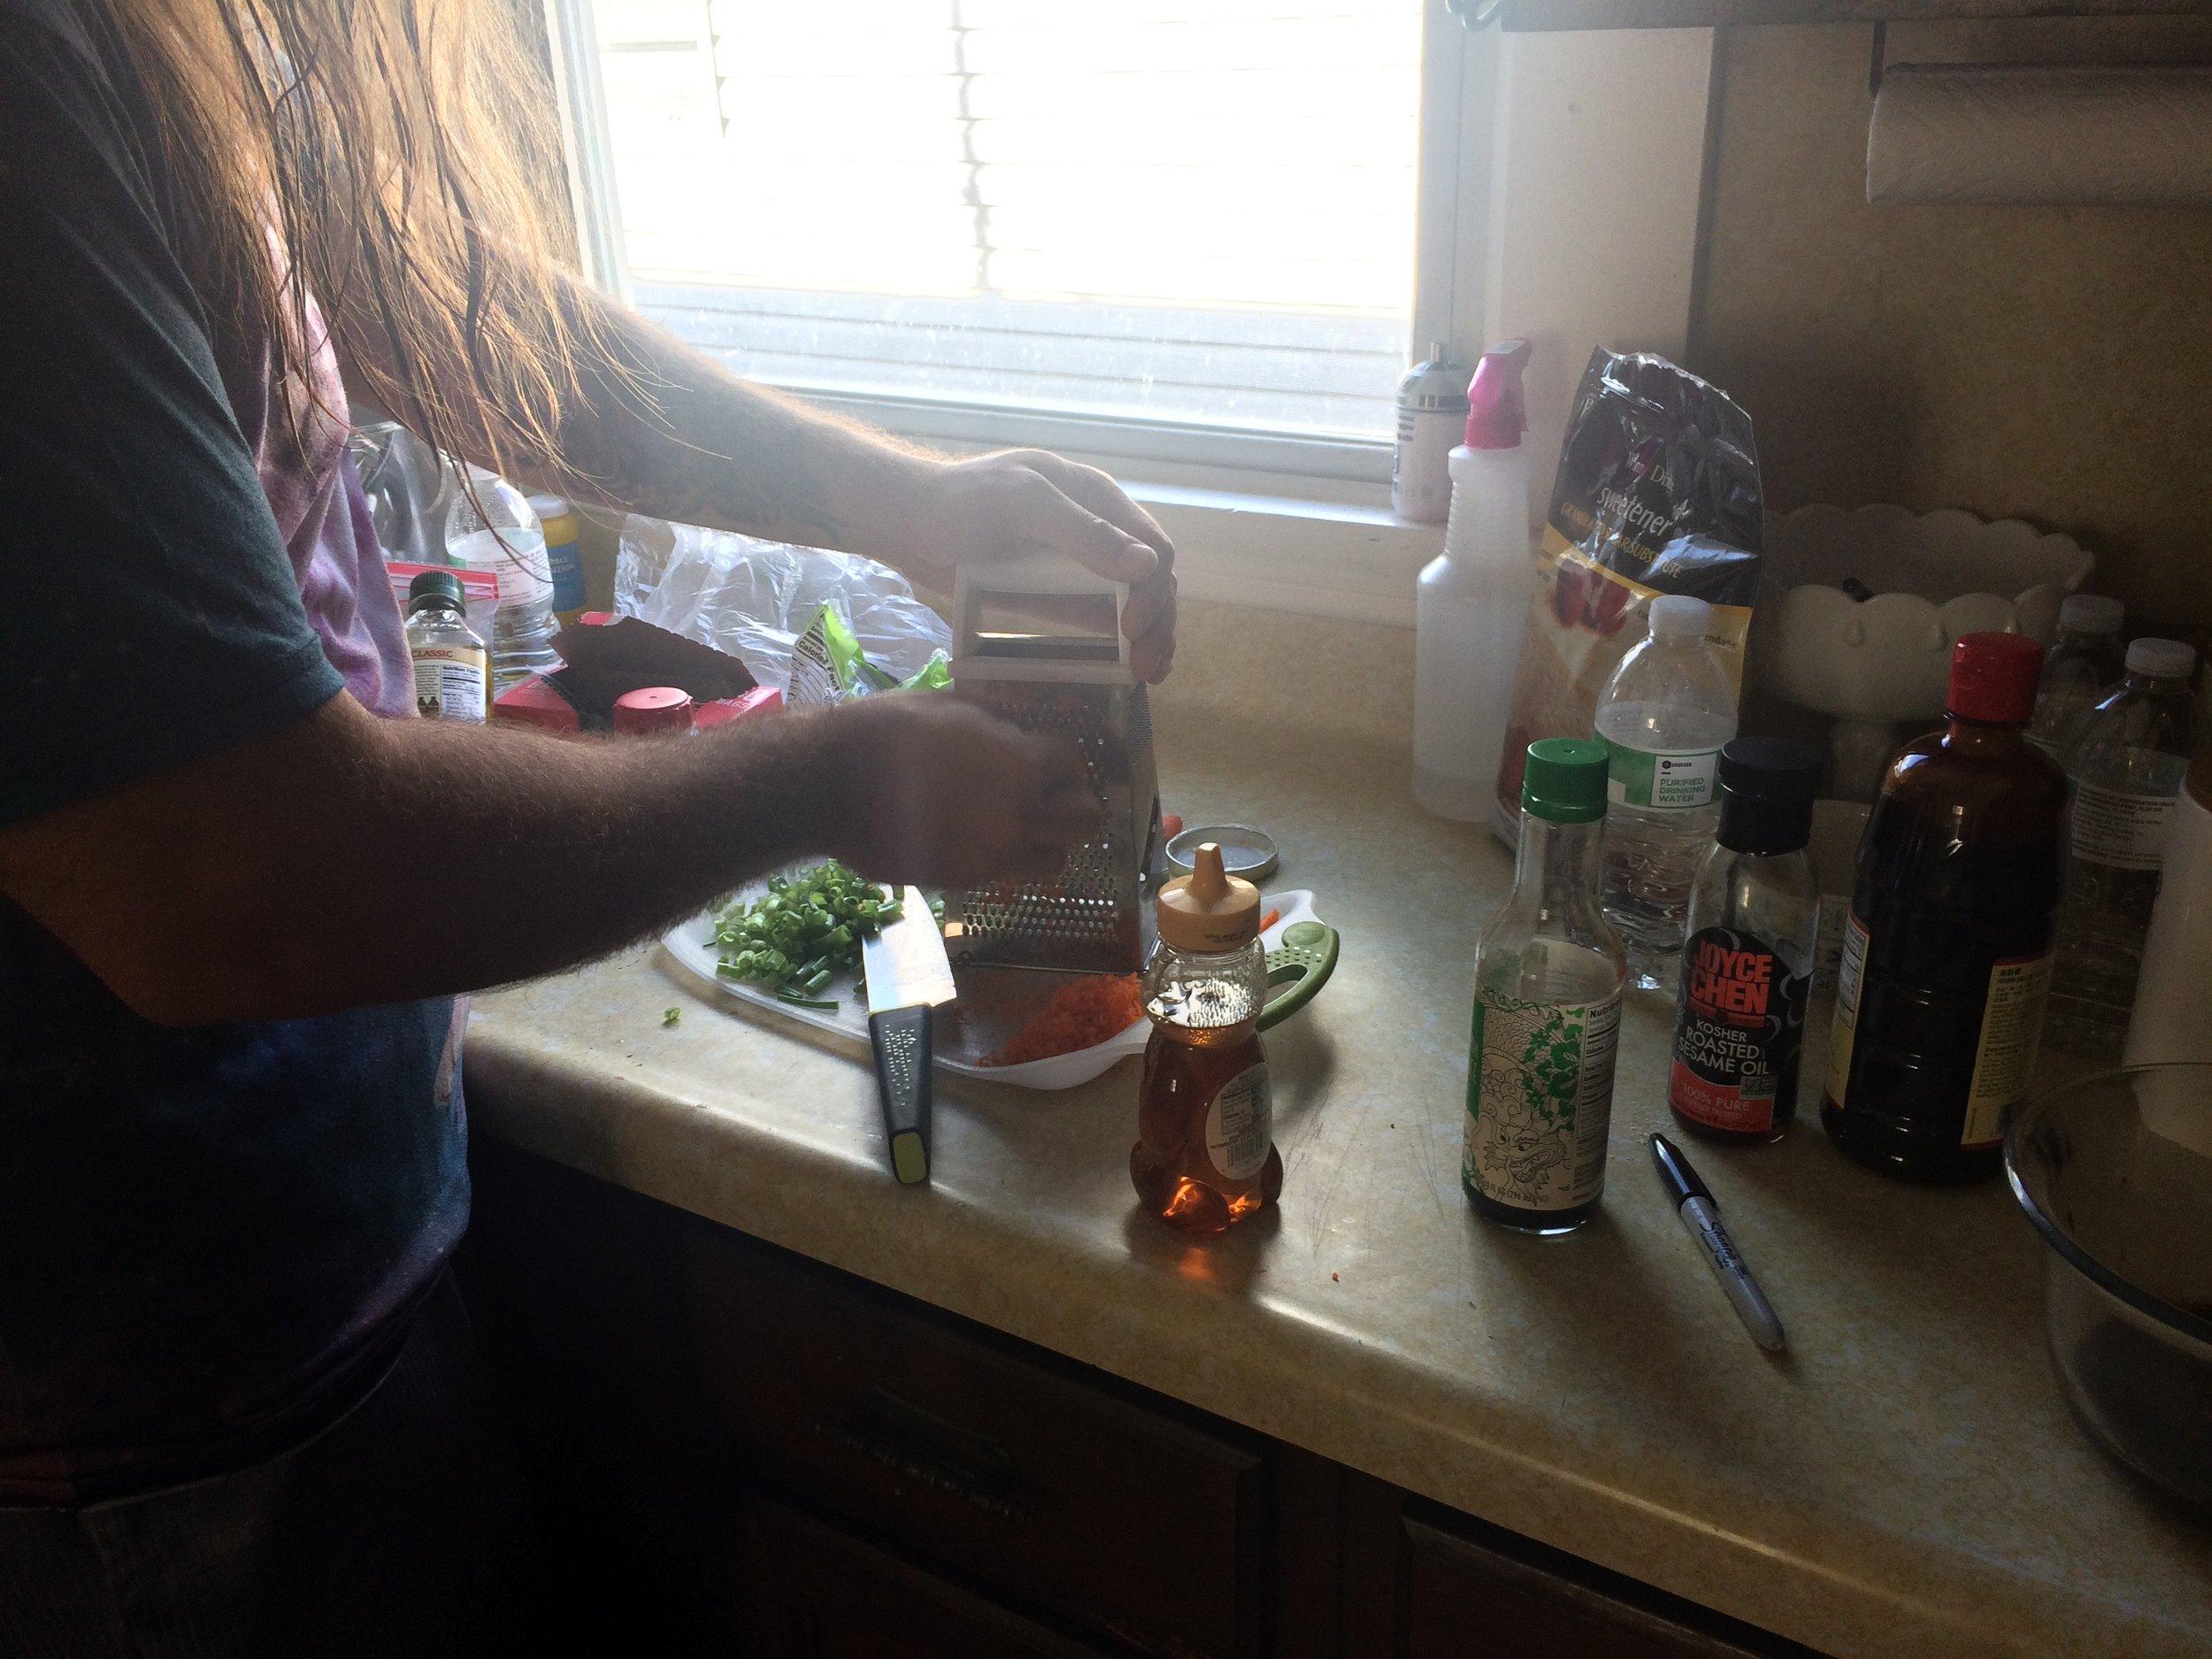 6:15 pm-Making dinner